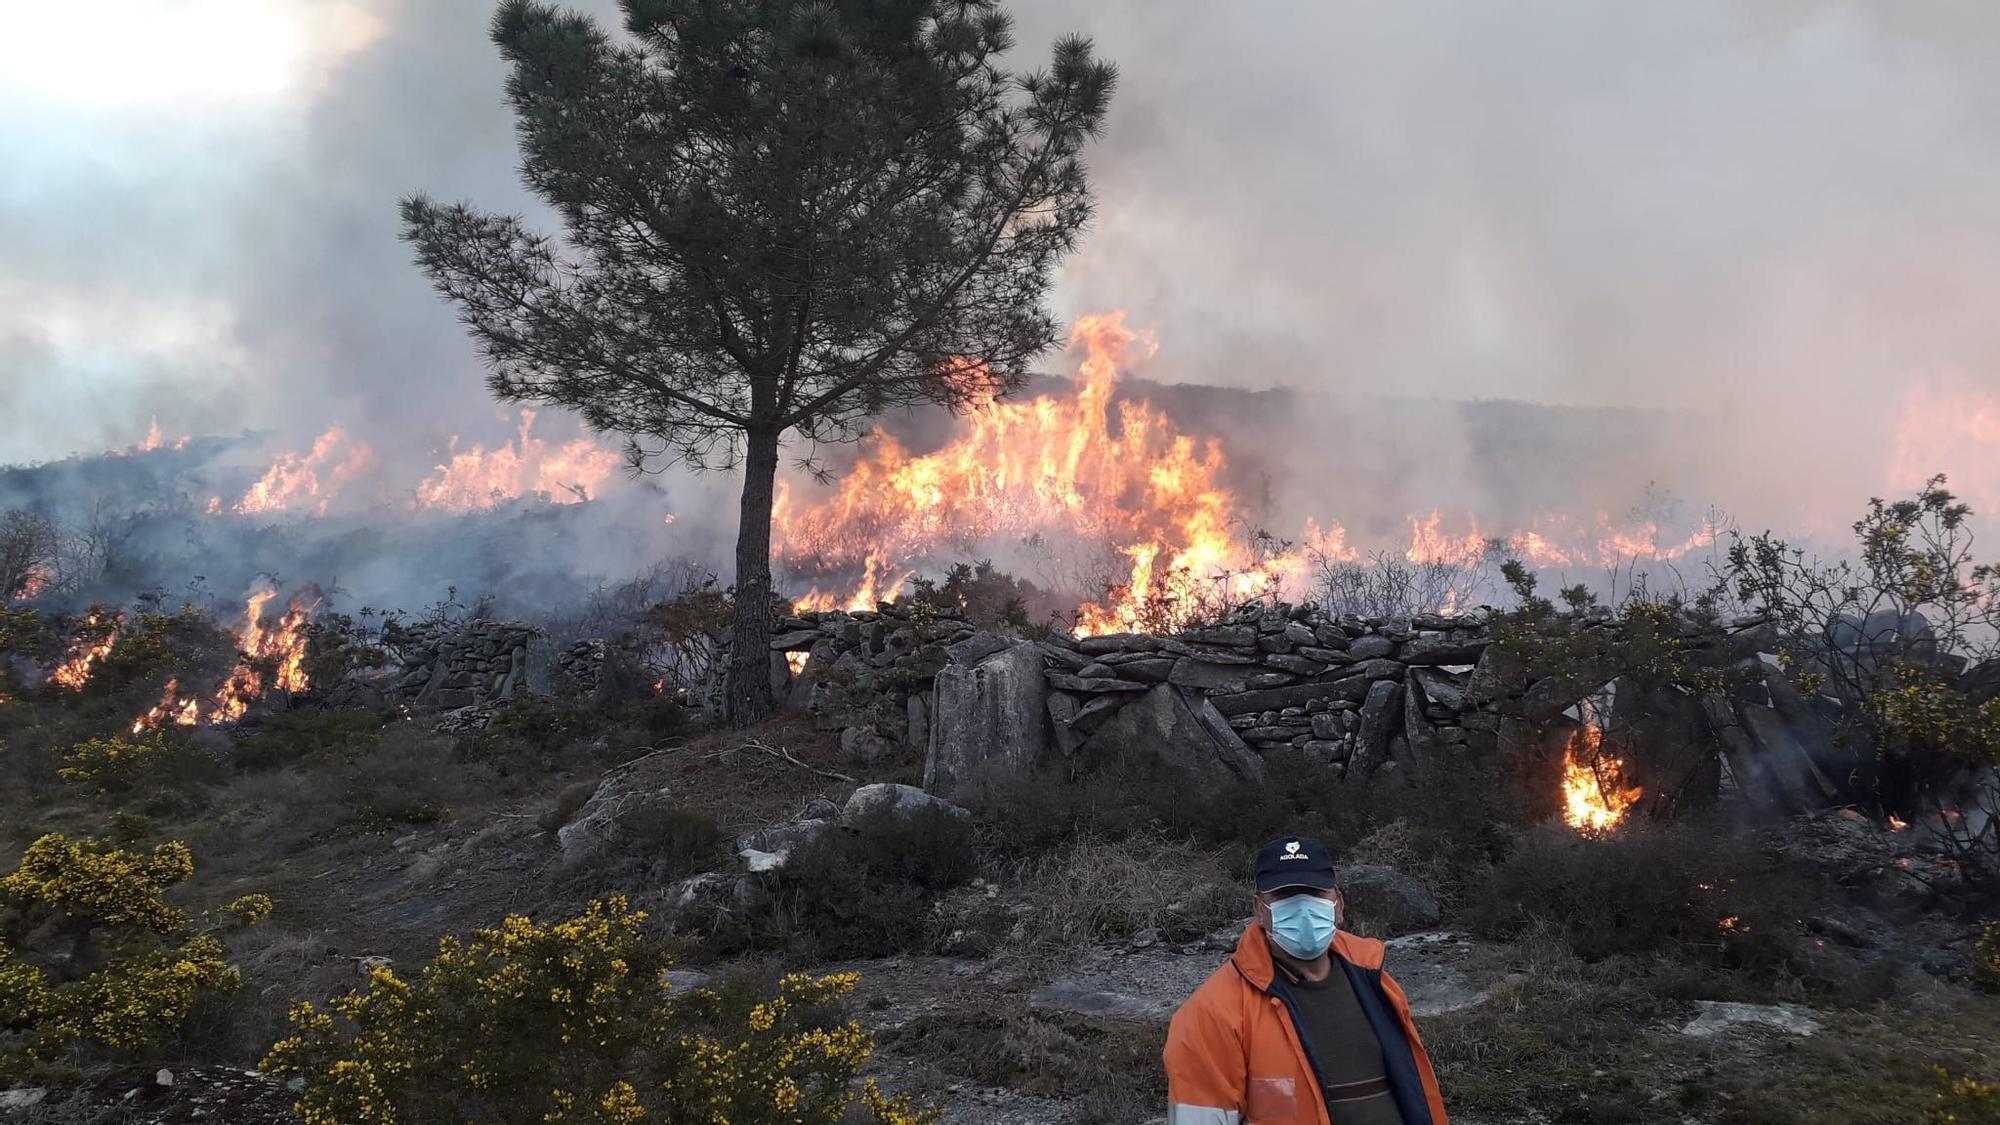 El fuego quemó 20 hectáreas de monte